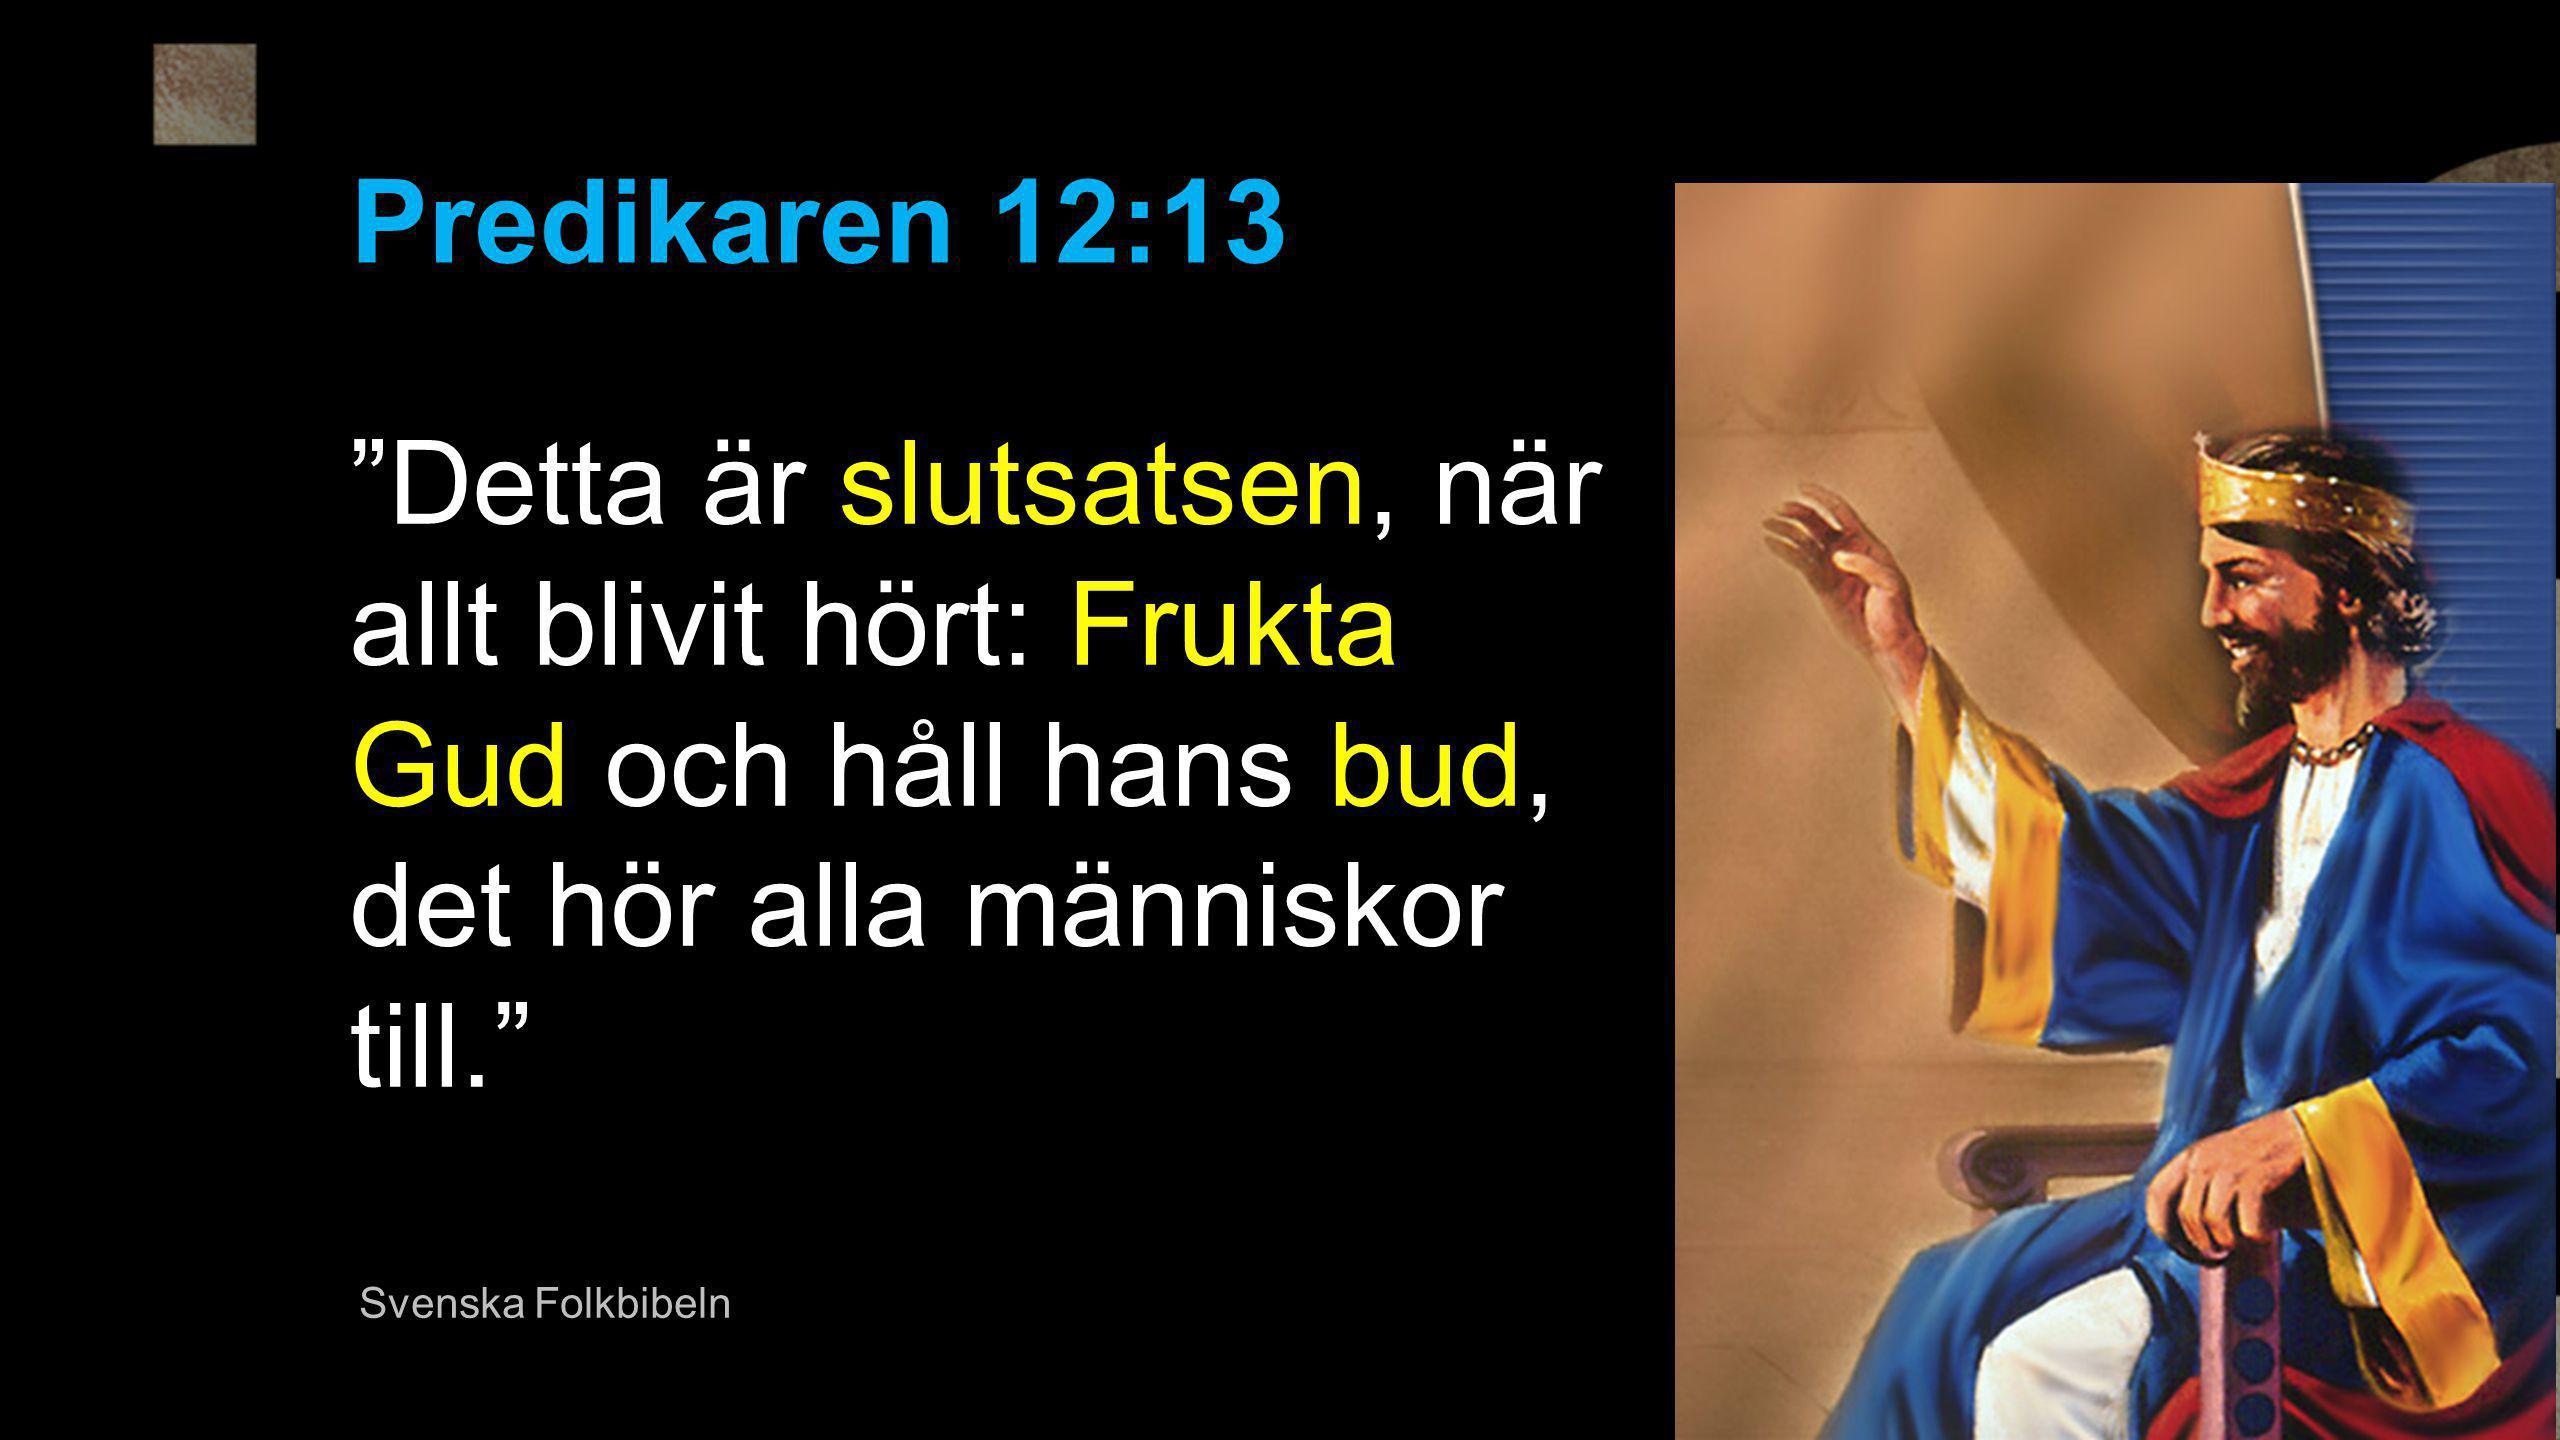 Predikaren 12:13 Detta är slutsatsen, när allt blivit hört: Frukta Gud och håll hans bud, det hör alla människor till.